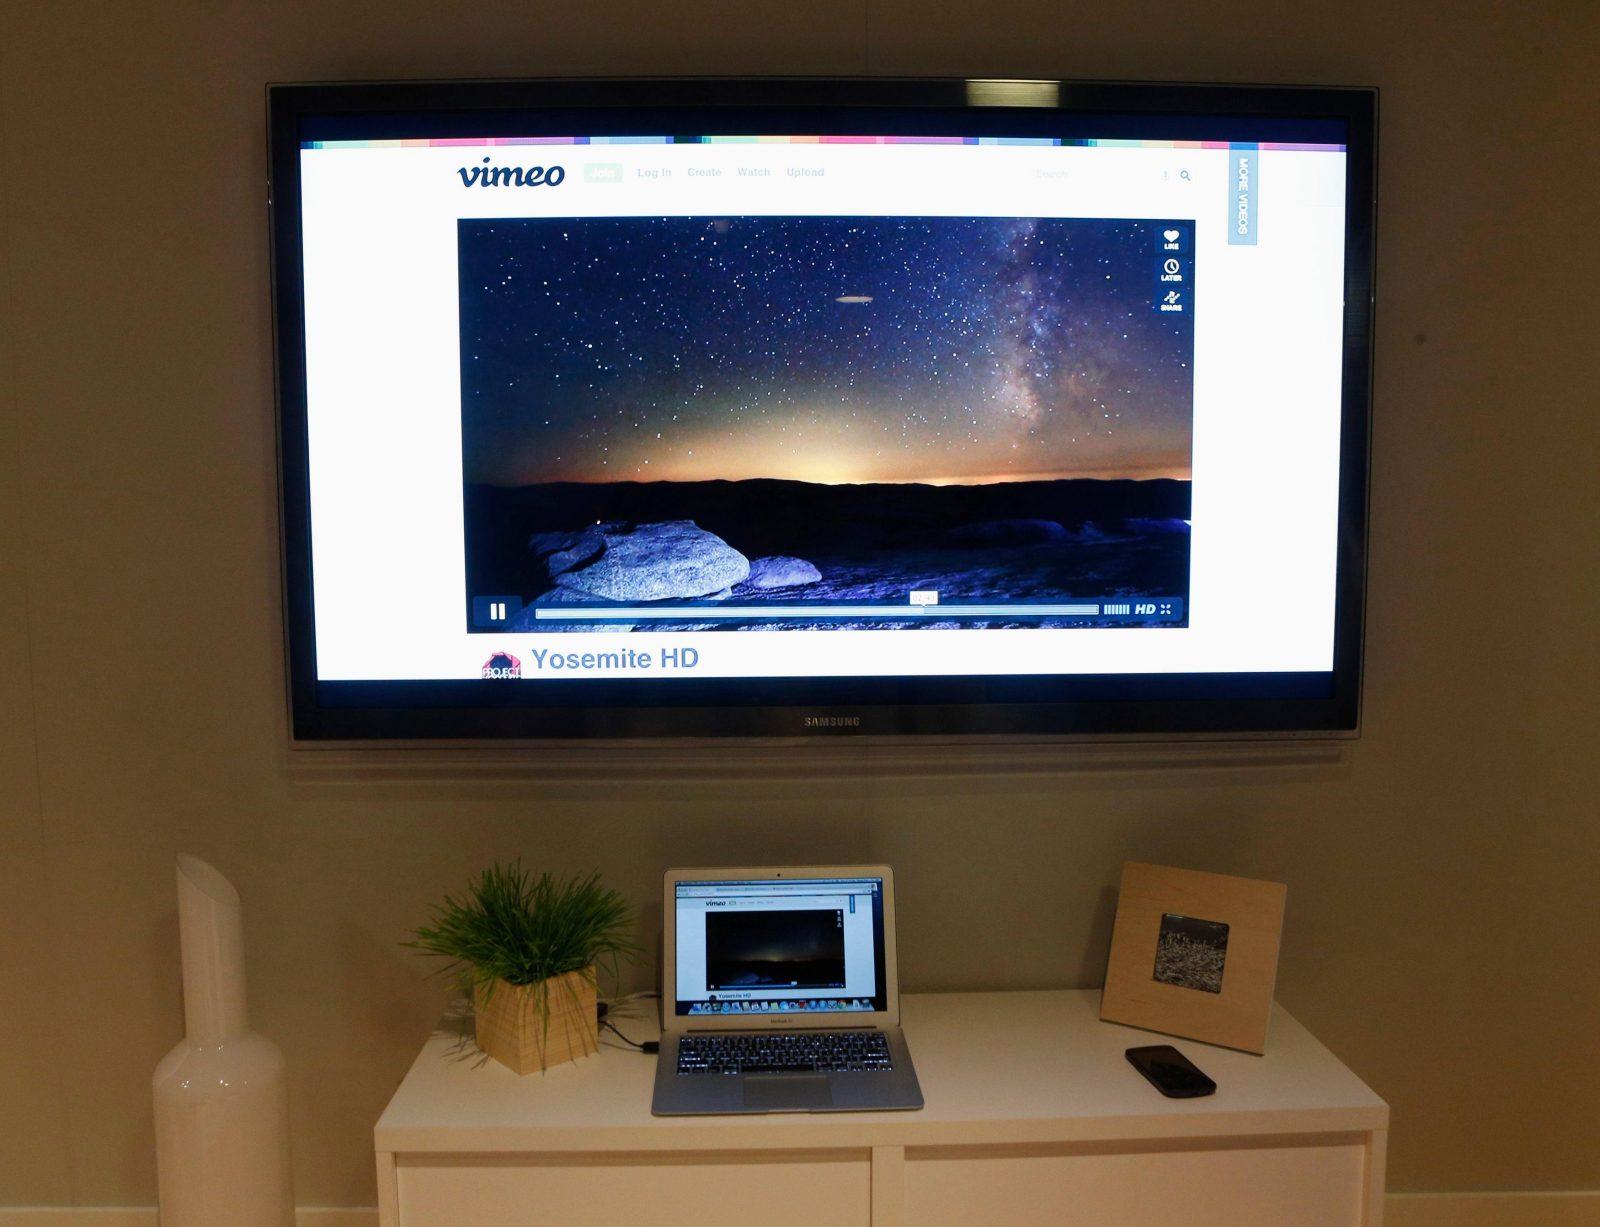 Трансляция с ноутбука на телевизор через Wi-Fi